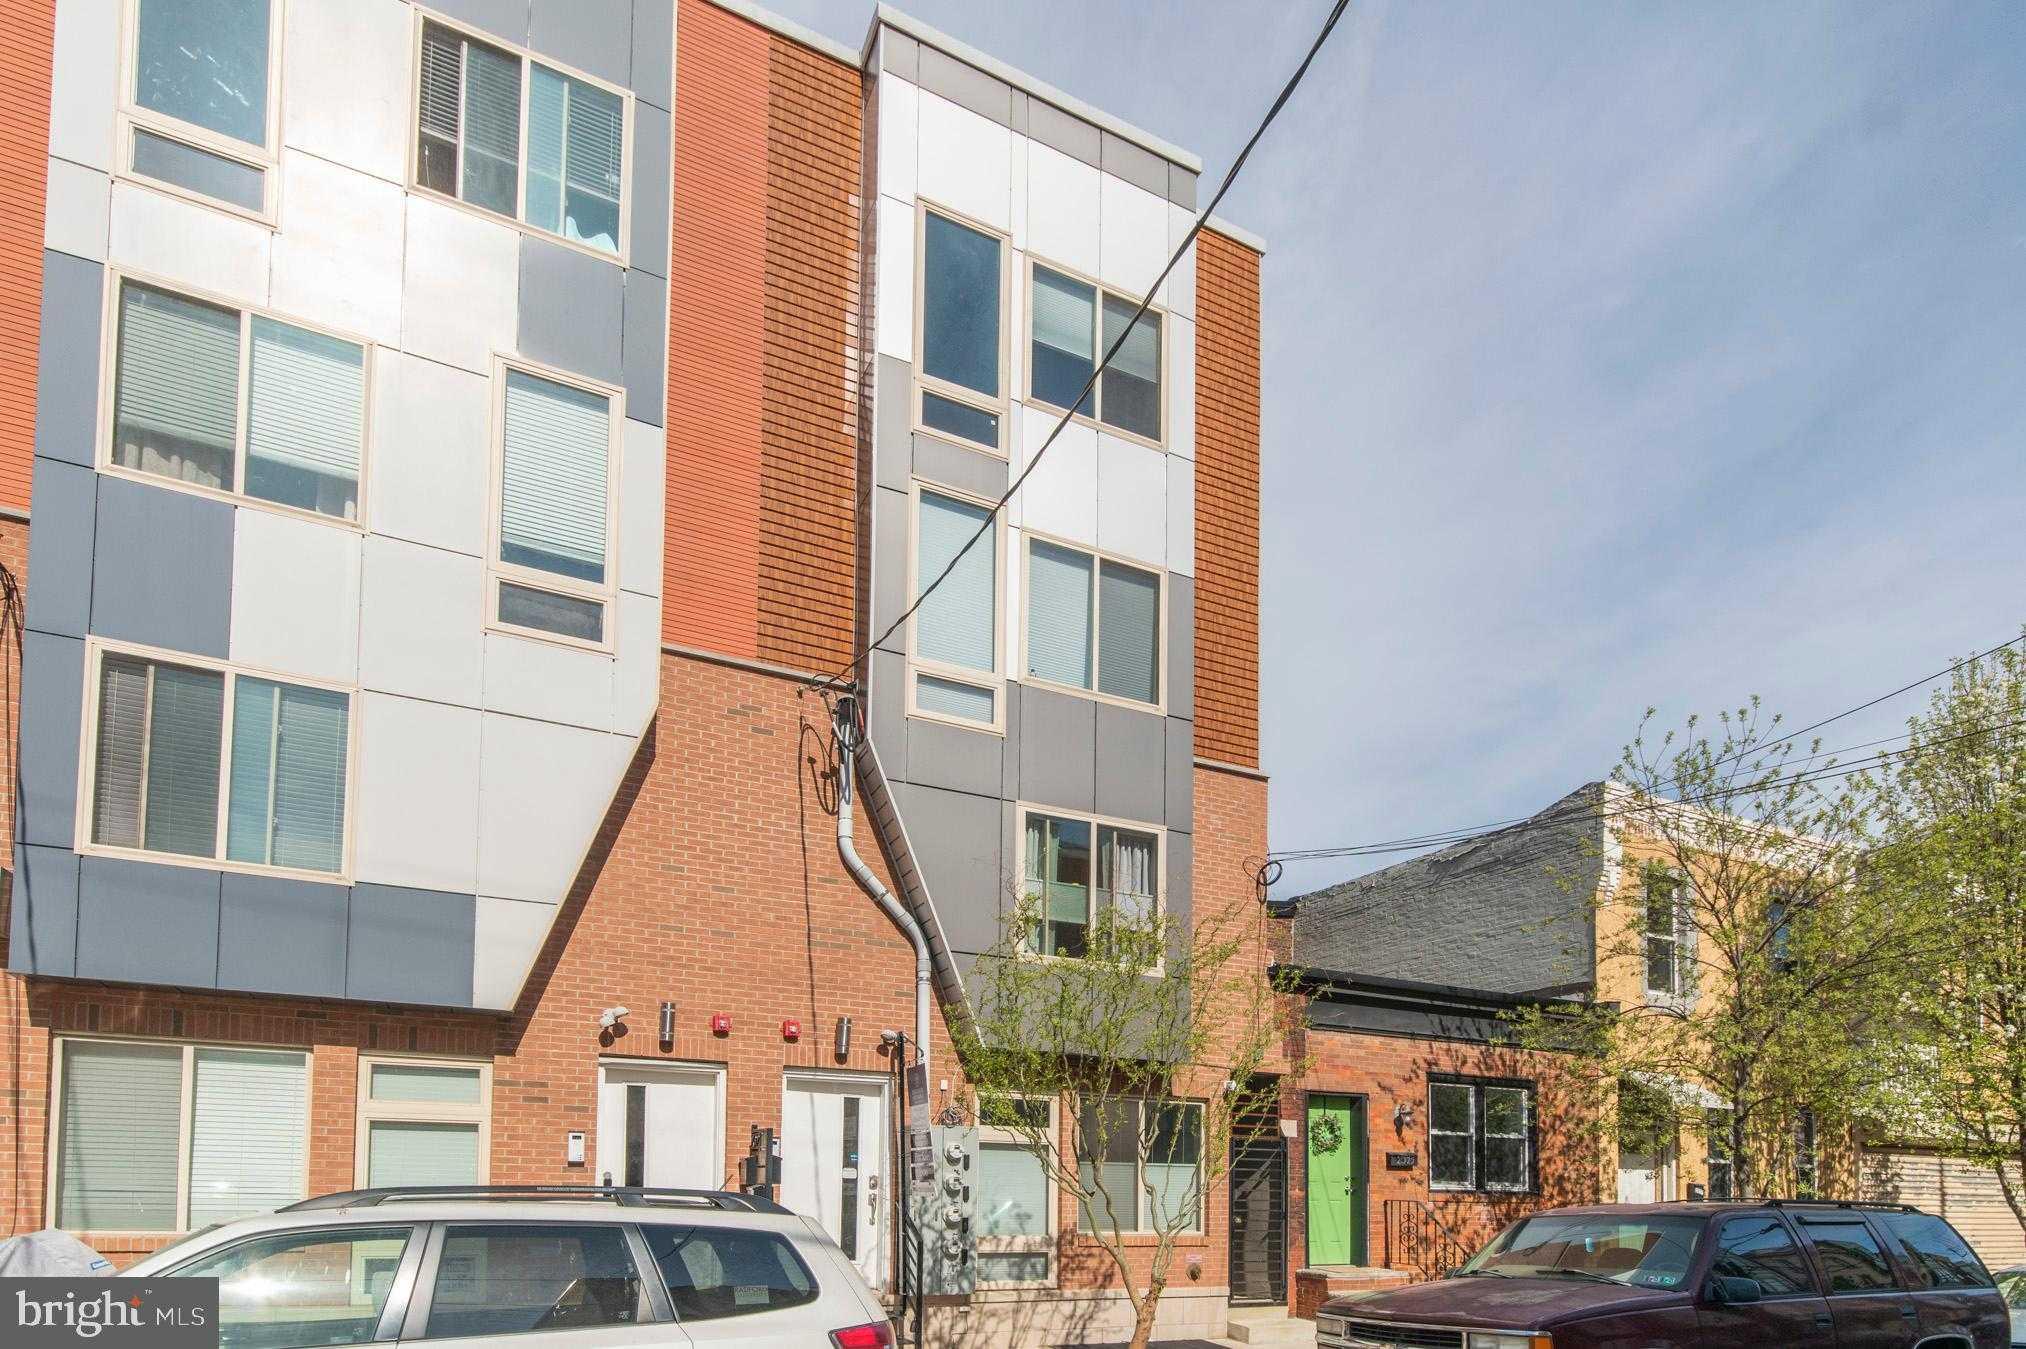 $268,000 - 2Br/2Ba -  for Sale in Fishtown, Philadelphia